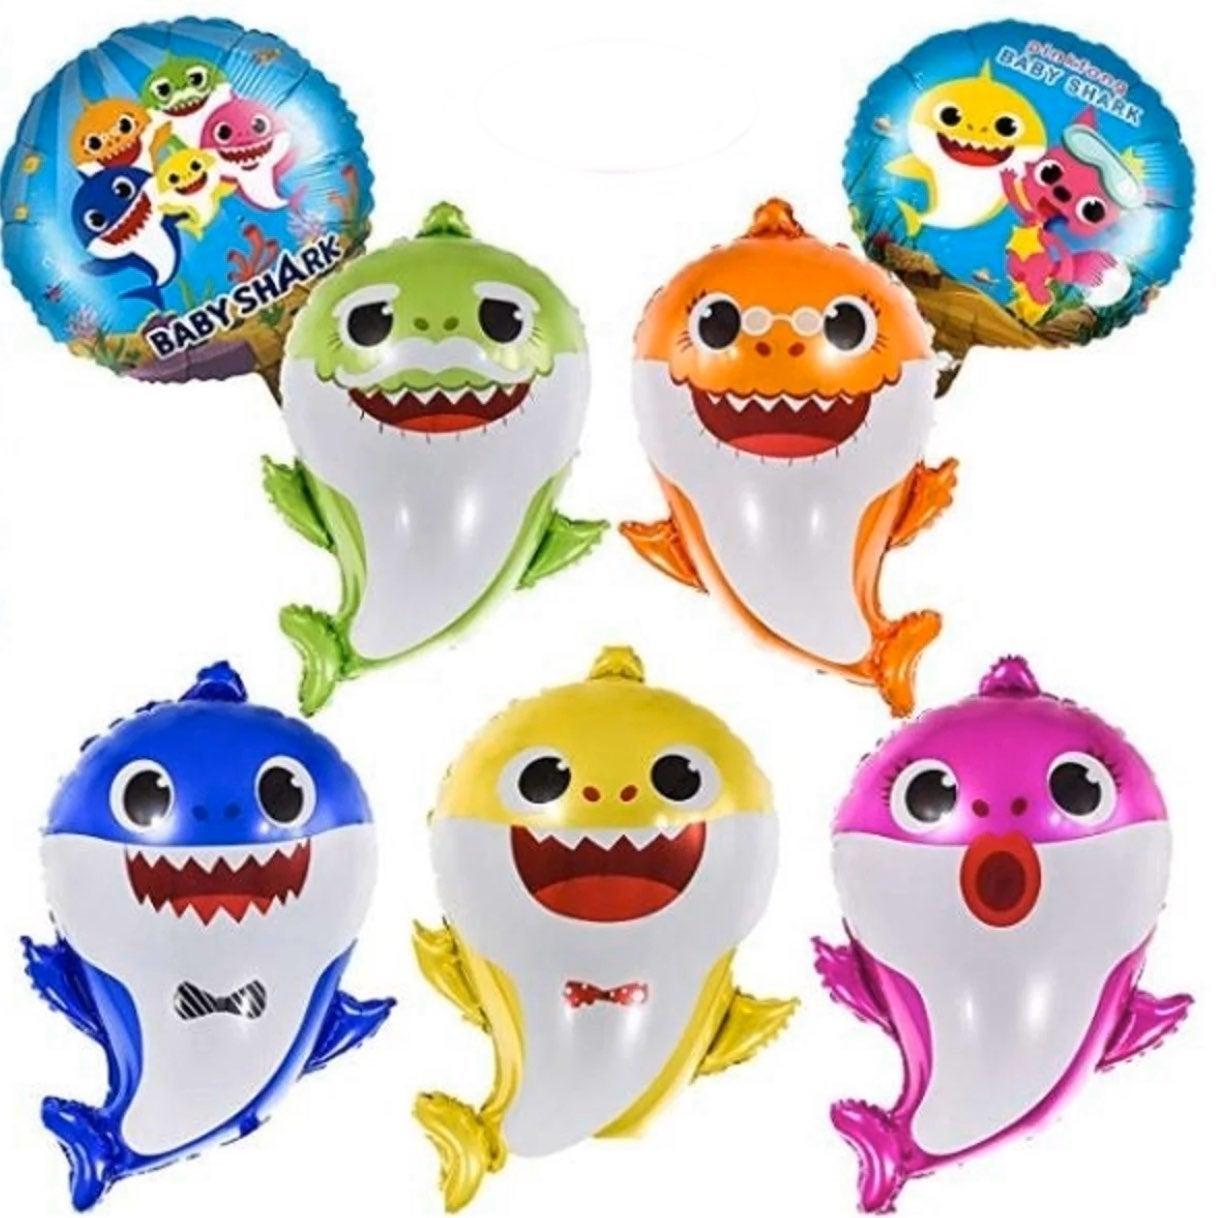 Baby shark family balloons 7pcs.